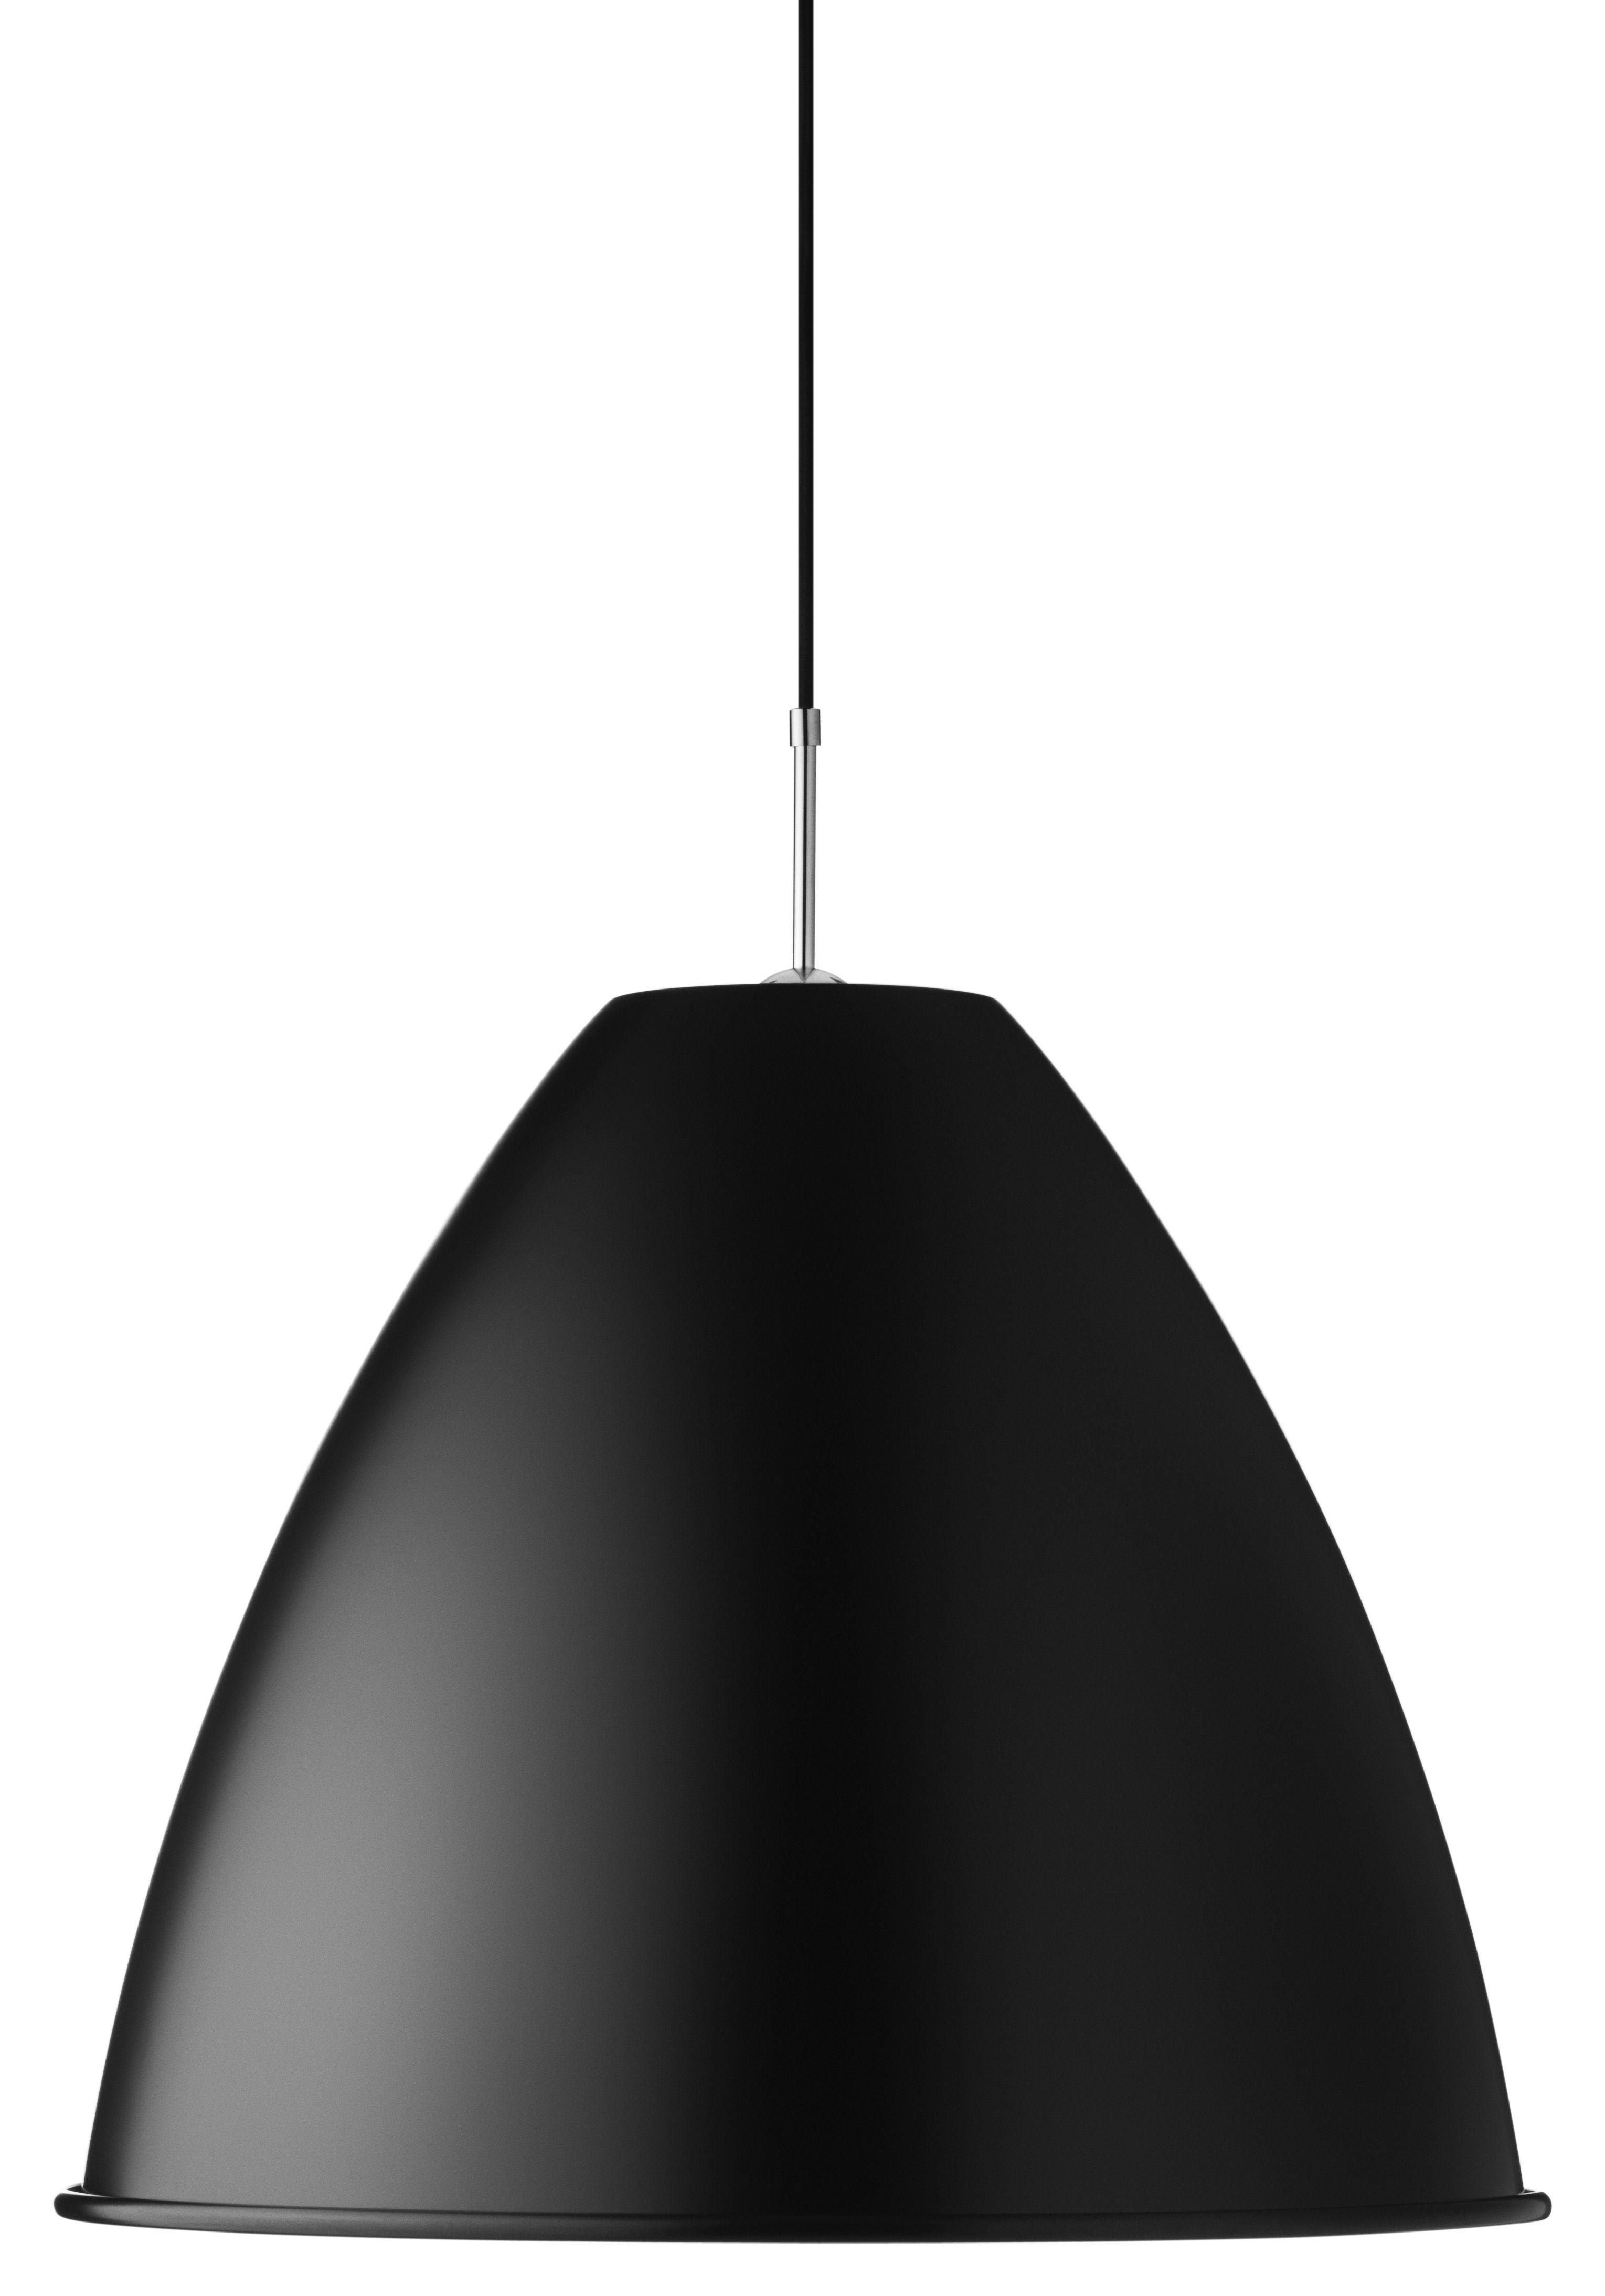 Lighting - Pendant Lighting - Bestlite BL9 L Pendant - Ø 40 cm - Reissue 1930 by Gubi - Black - Chromed metal